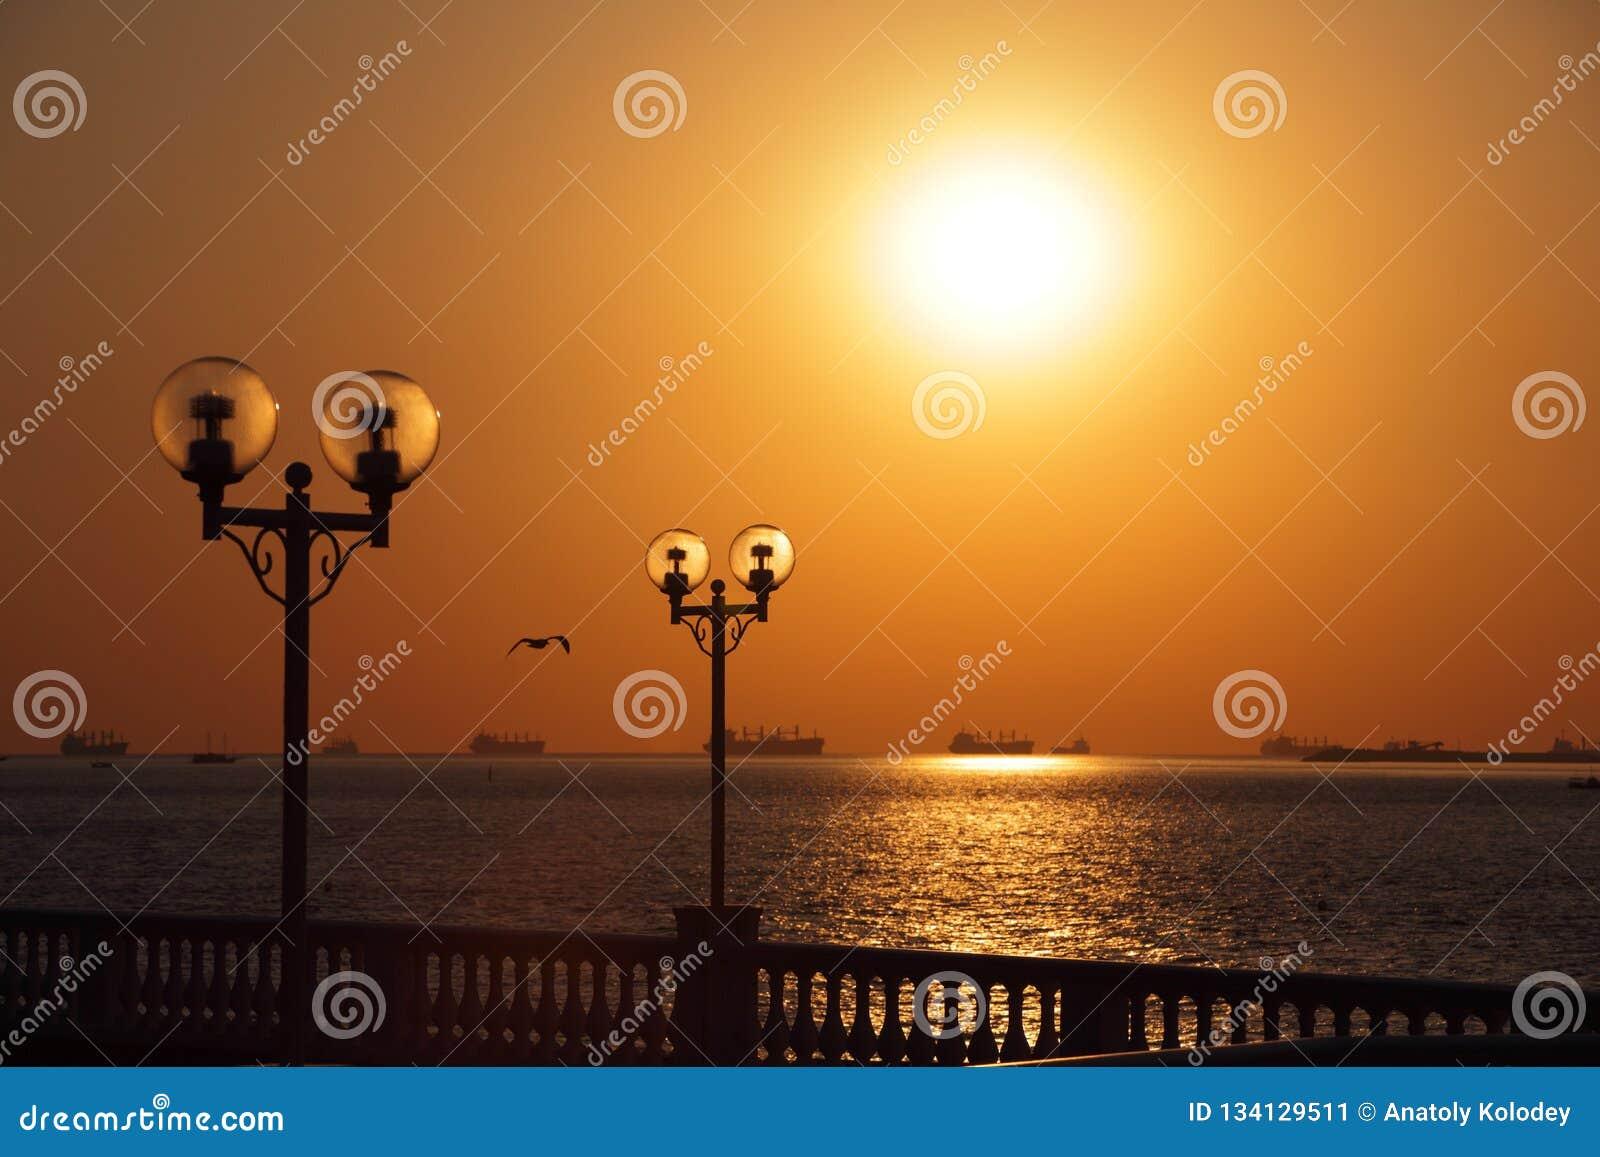 Vue de bord de mer avec des lanternes éclairées à contre-jour par le coucher de soleil et avec des bateaux dans le roadstead